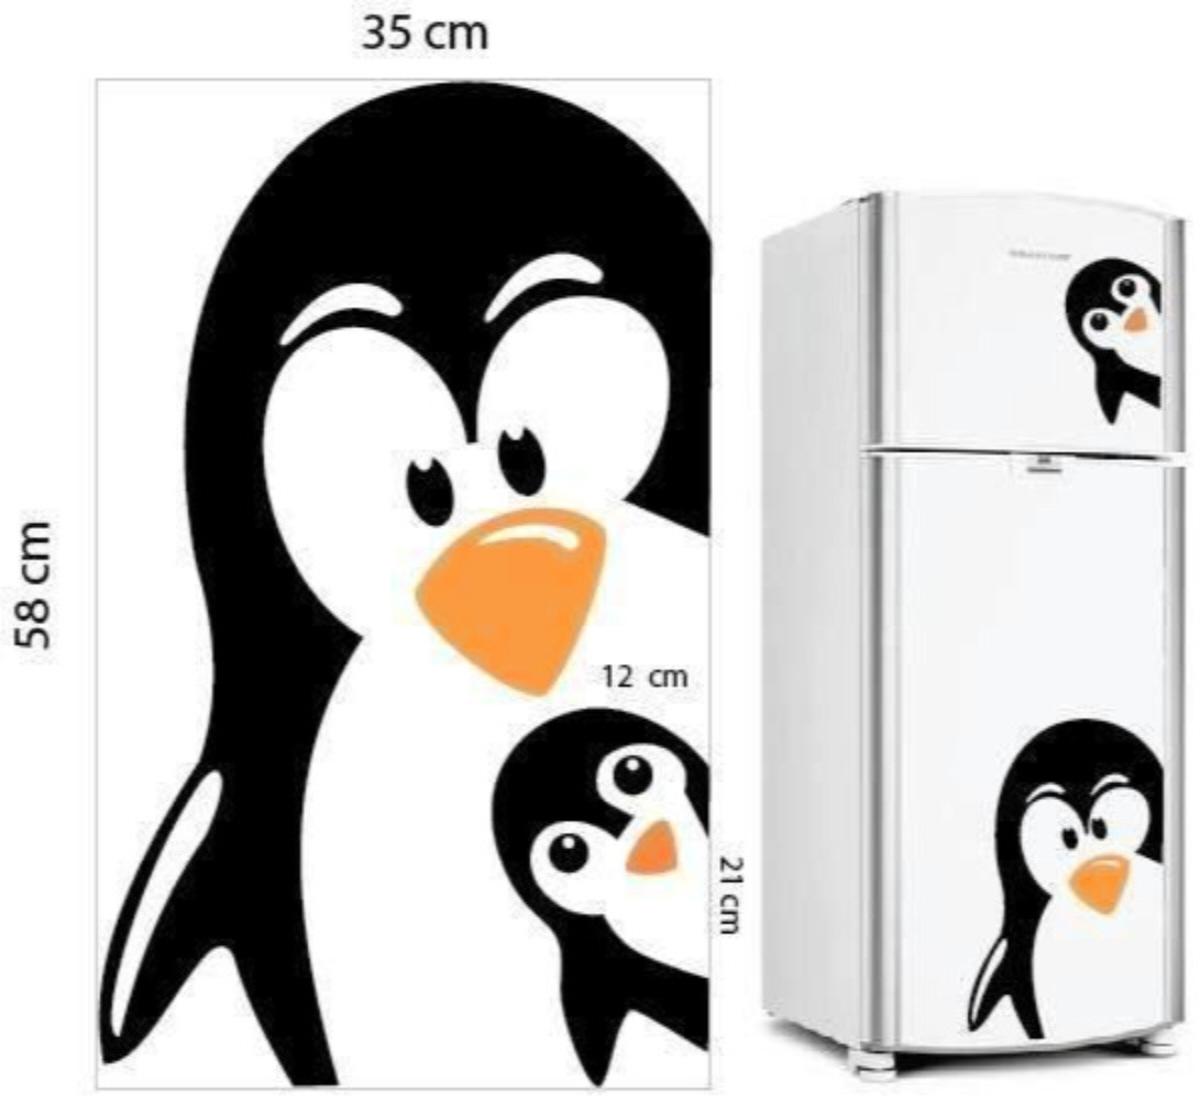 Aparador Baixo Mdf ~ Adesivo Geladeira Pinguim Lv Adesivos e Estampas!!! Elo7